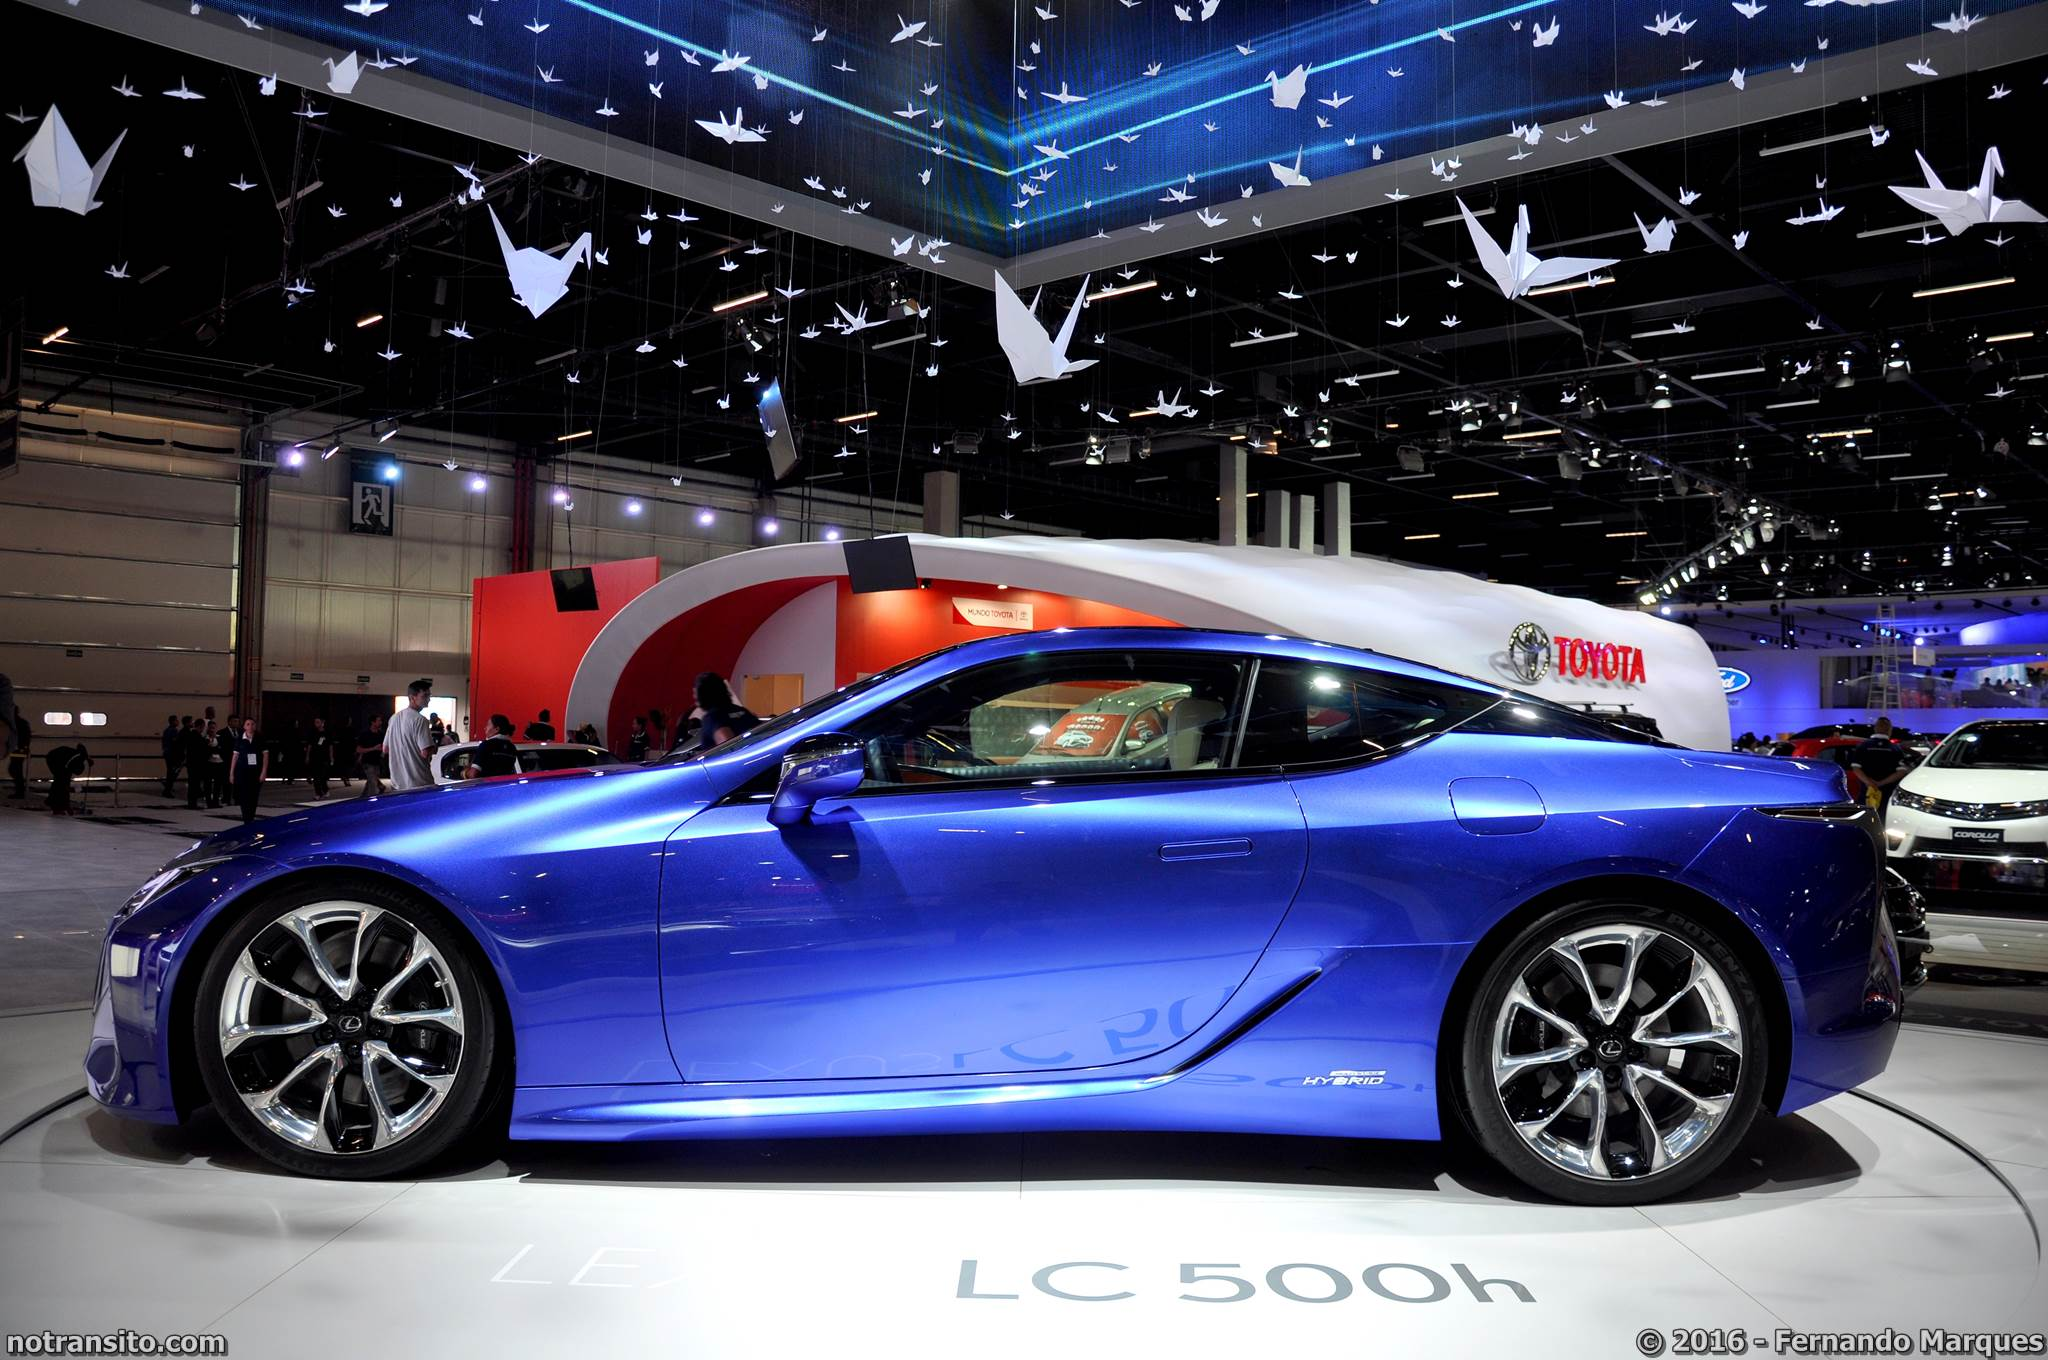 Lexus LC 500h Salão do Automóvel 2016